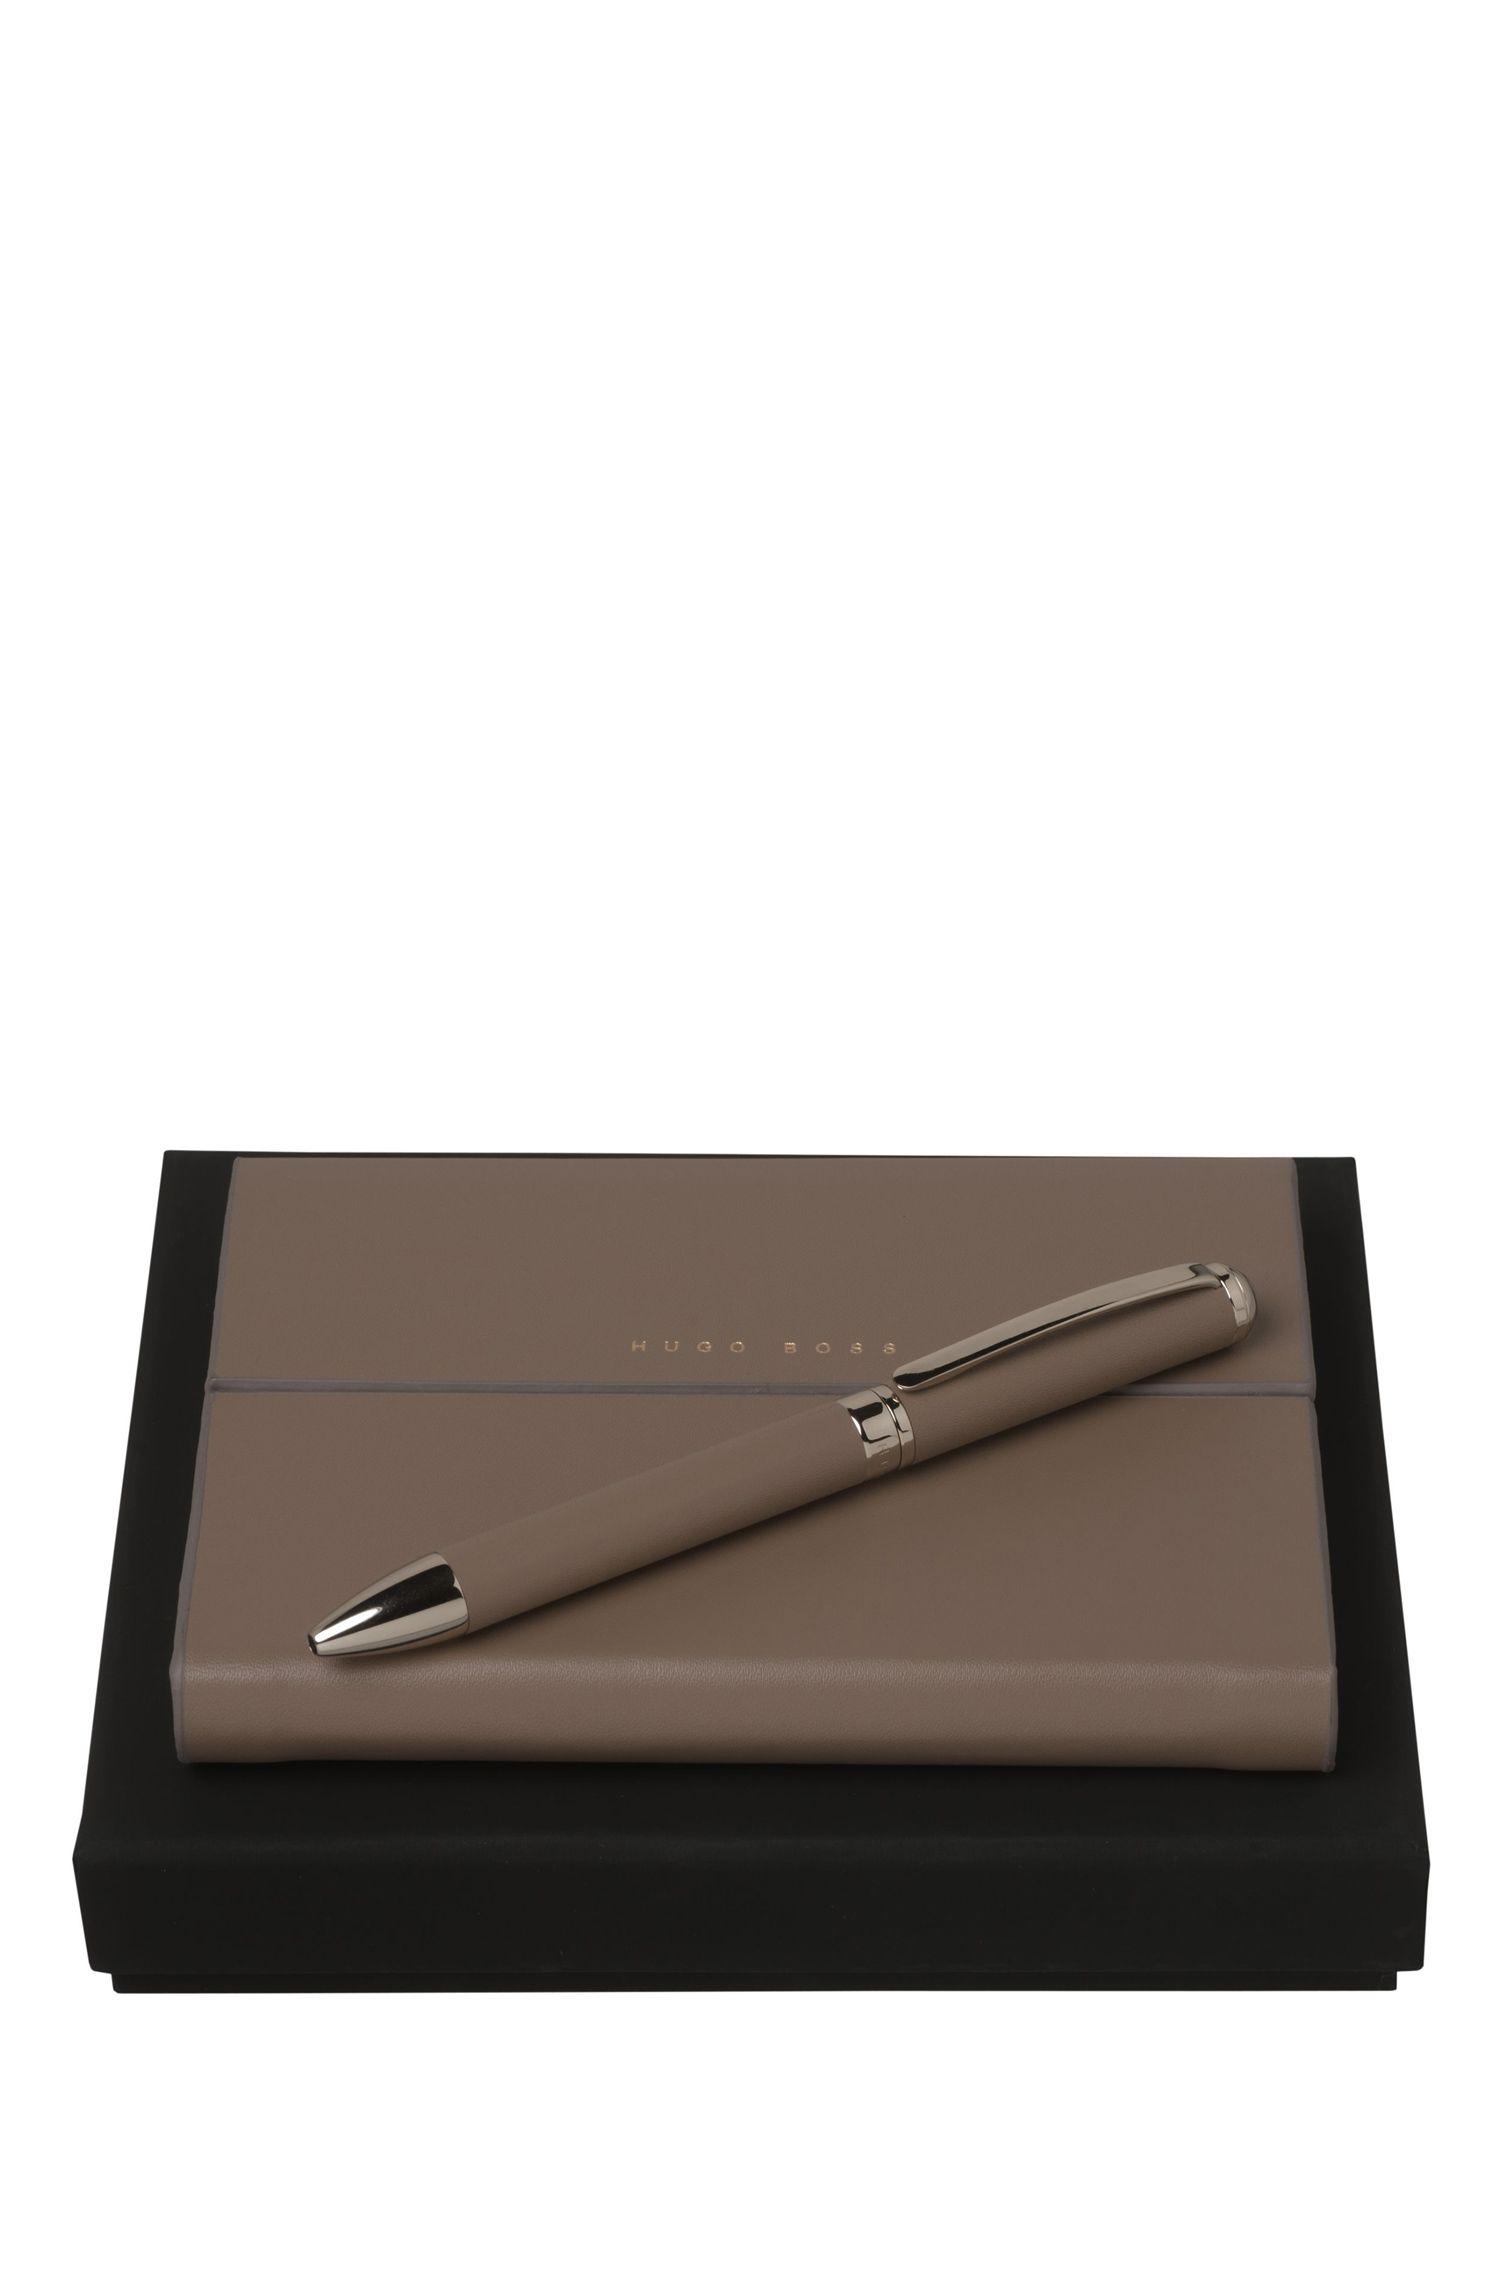 Geschenk-Set mit Notizbuch und Kugelschreiber